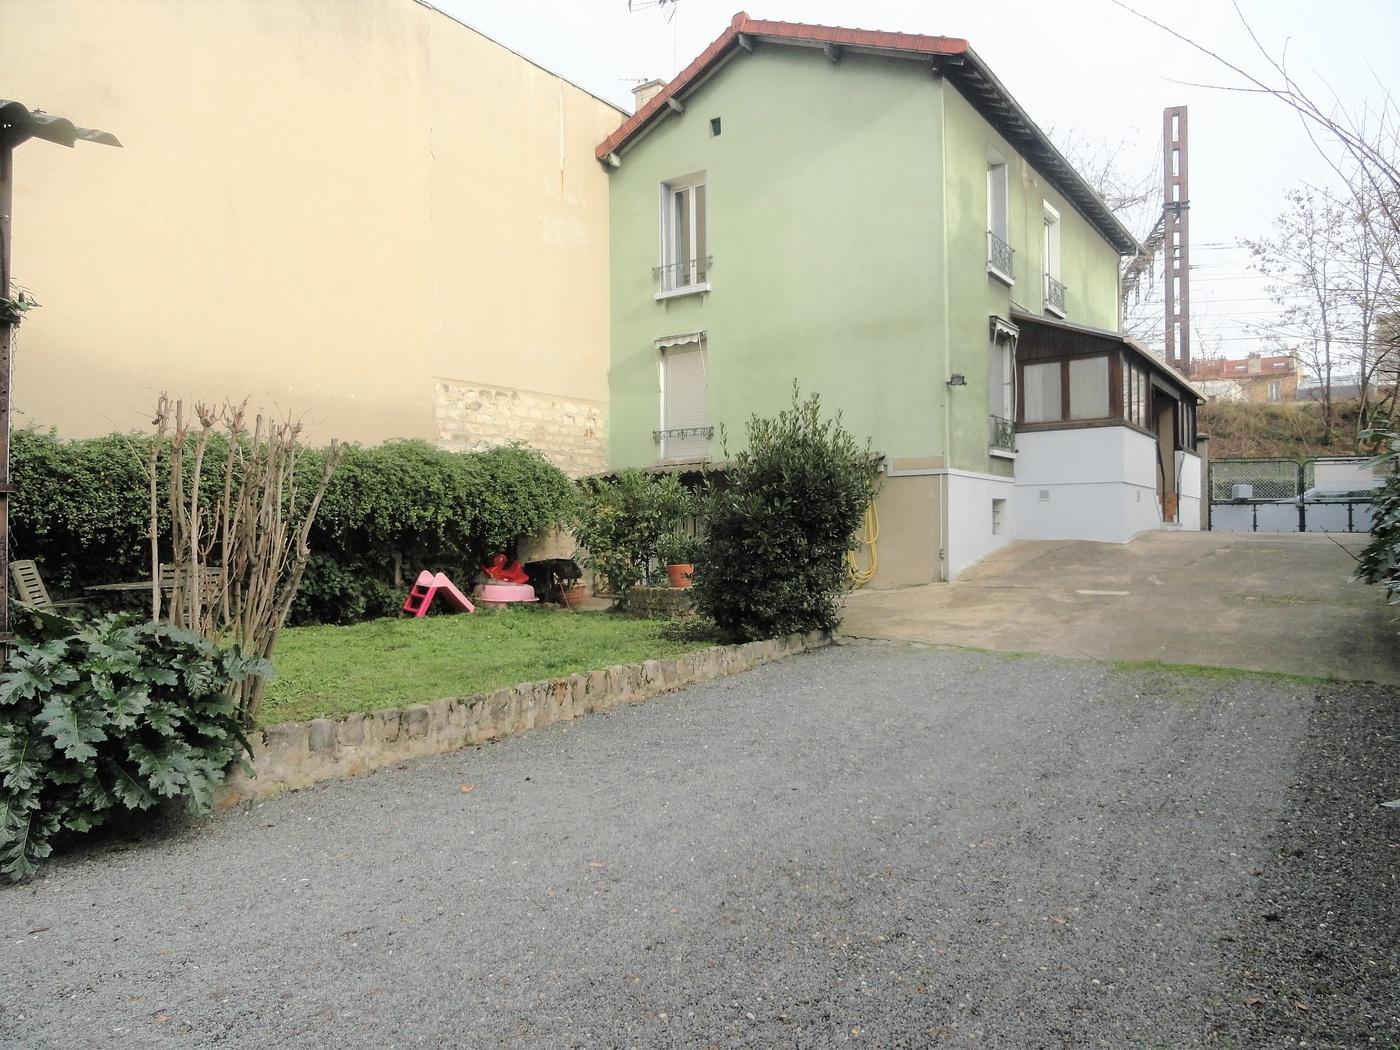 Achat maison 110 m2 Alfortville (94140), 7 pièces